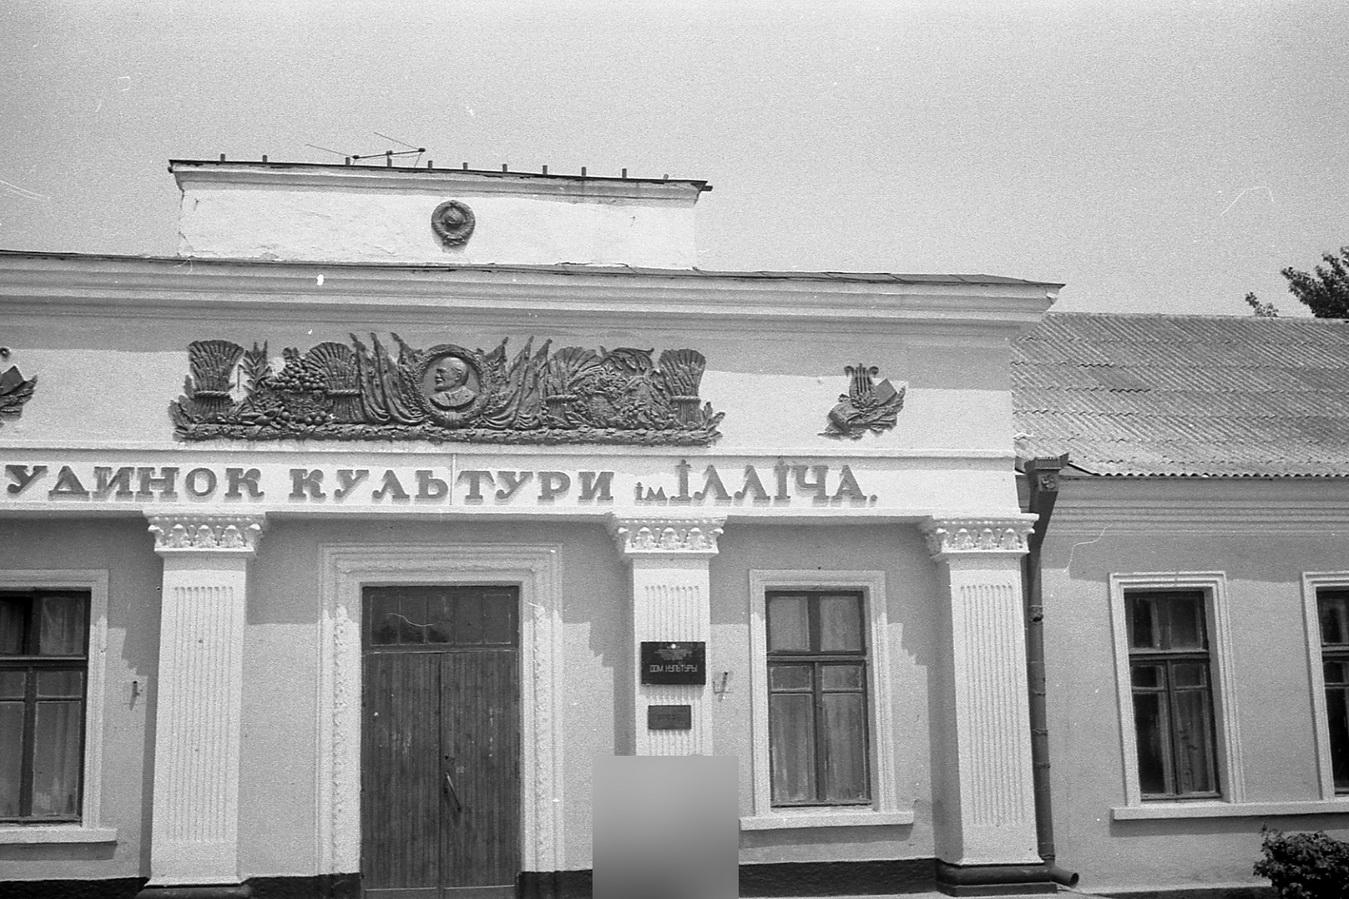 Skadovsk - Dom kultury_resize